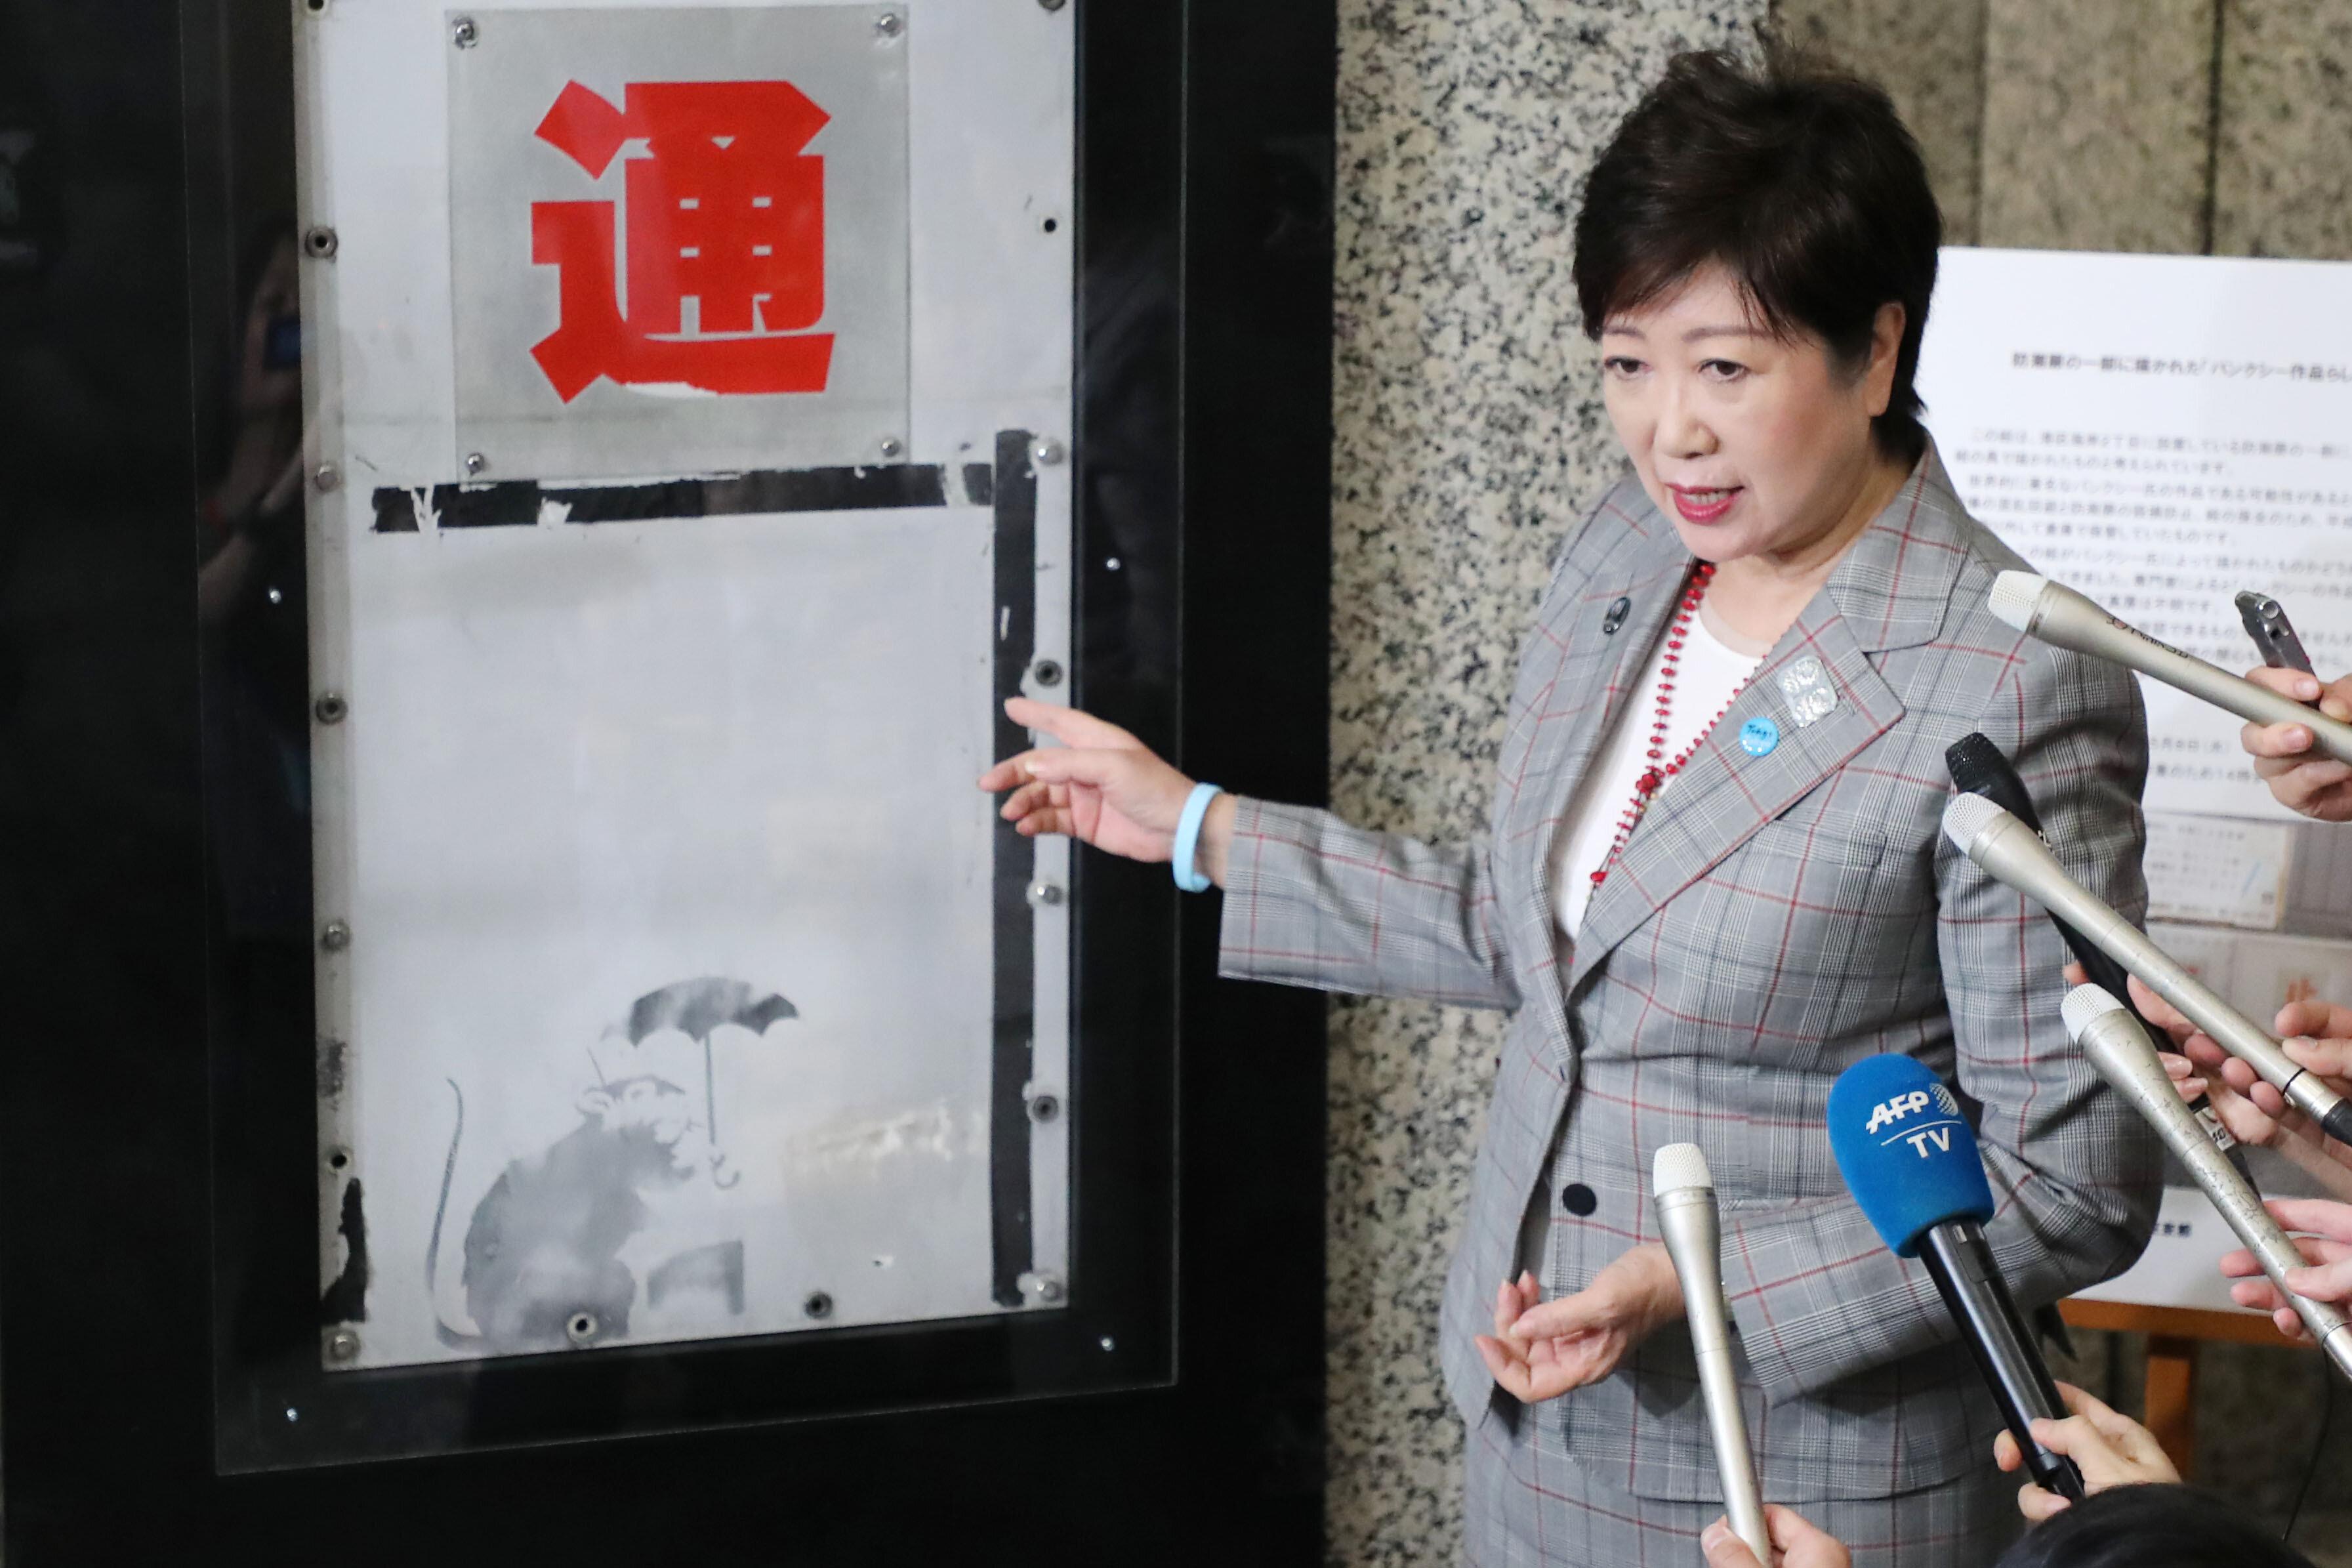 東京都庁で展示が始まったバンクシーの作品に似たネズミの絵。小池百合子知事も様子を見に来た=4月25日、東京都新宿区